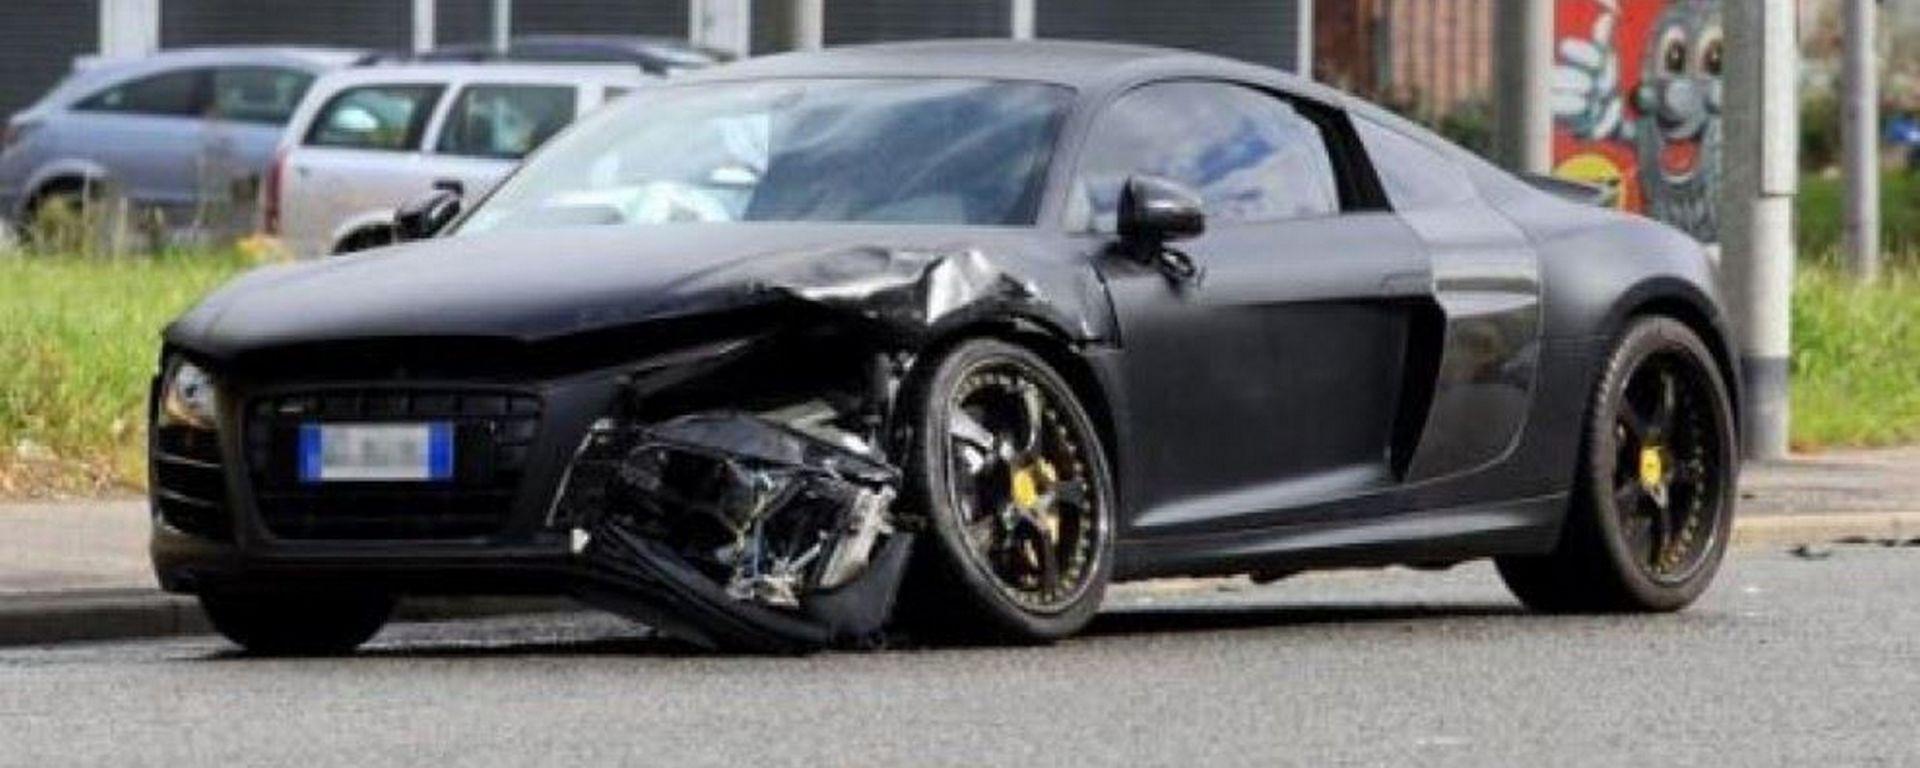 L'Audi R8 di Mario Balotelli